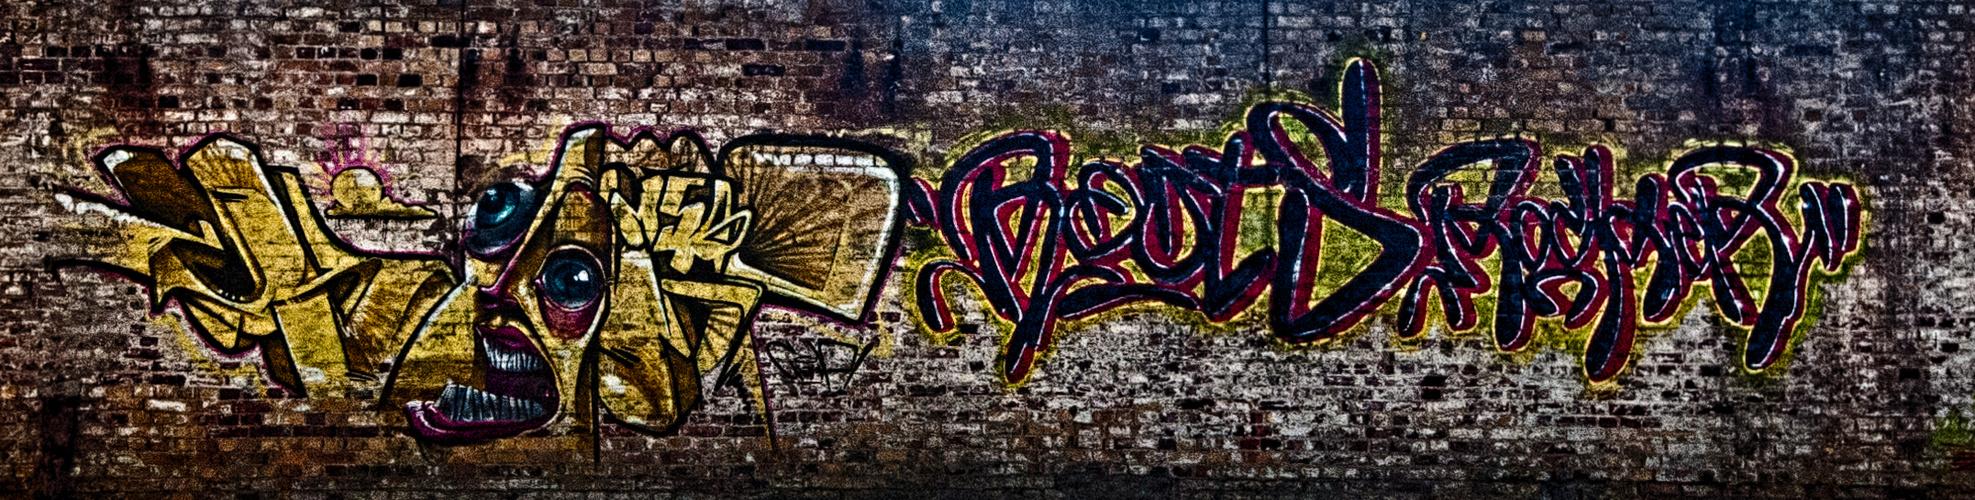 Thats a Graffity